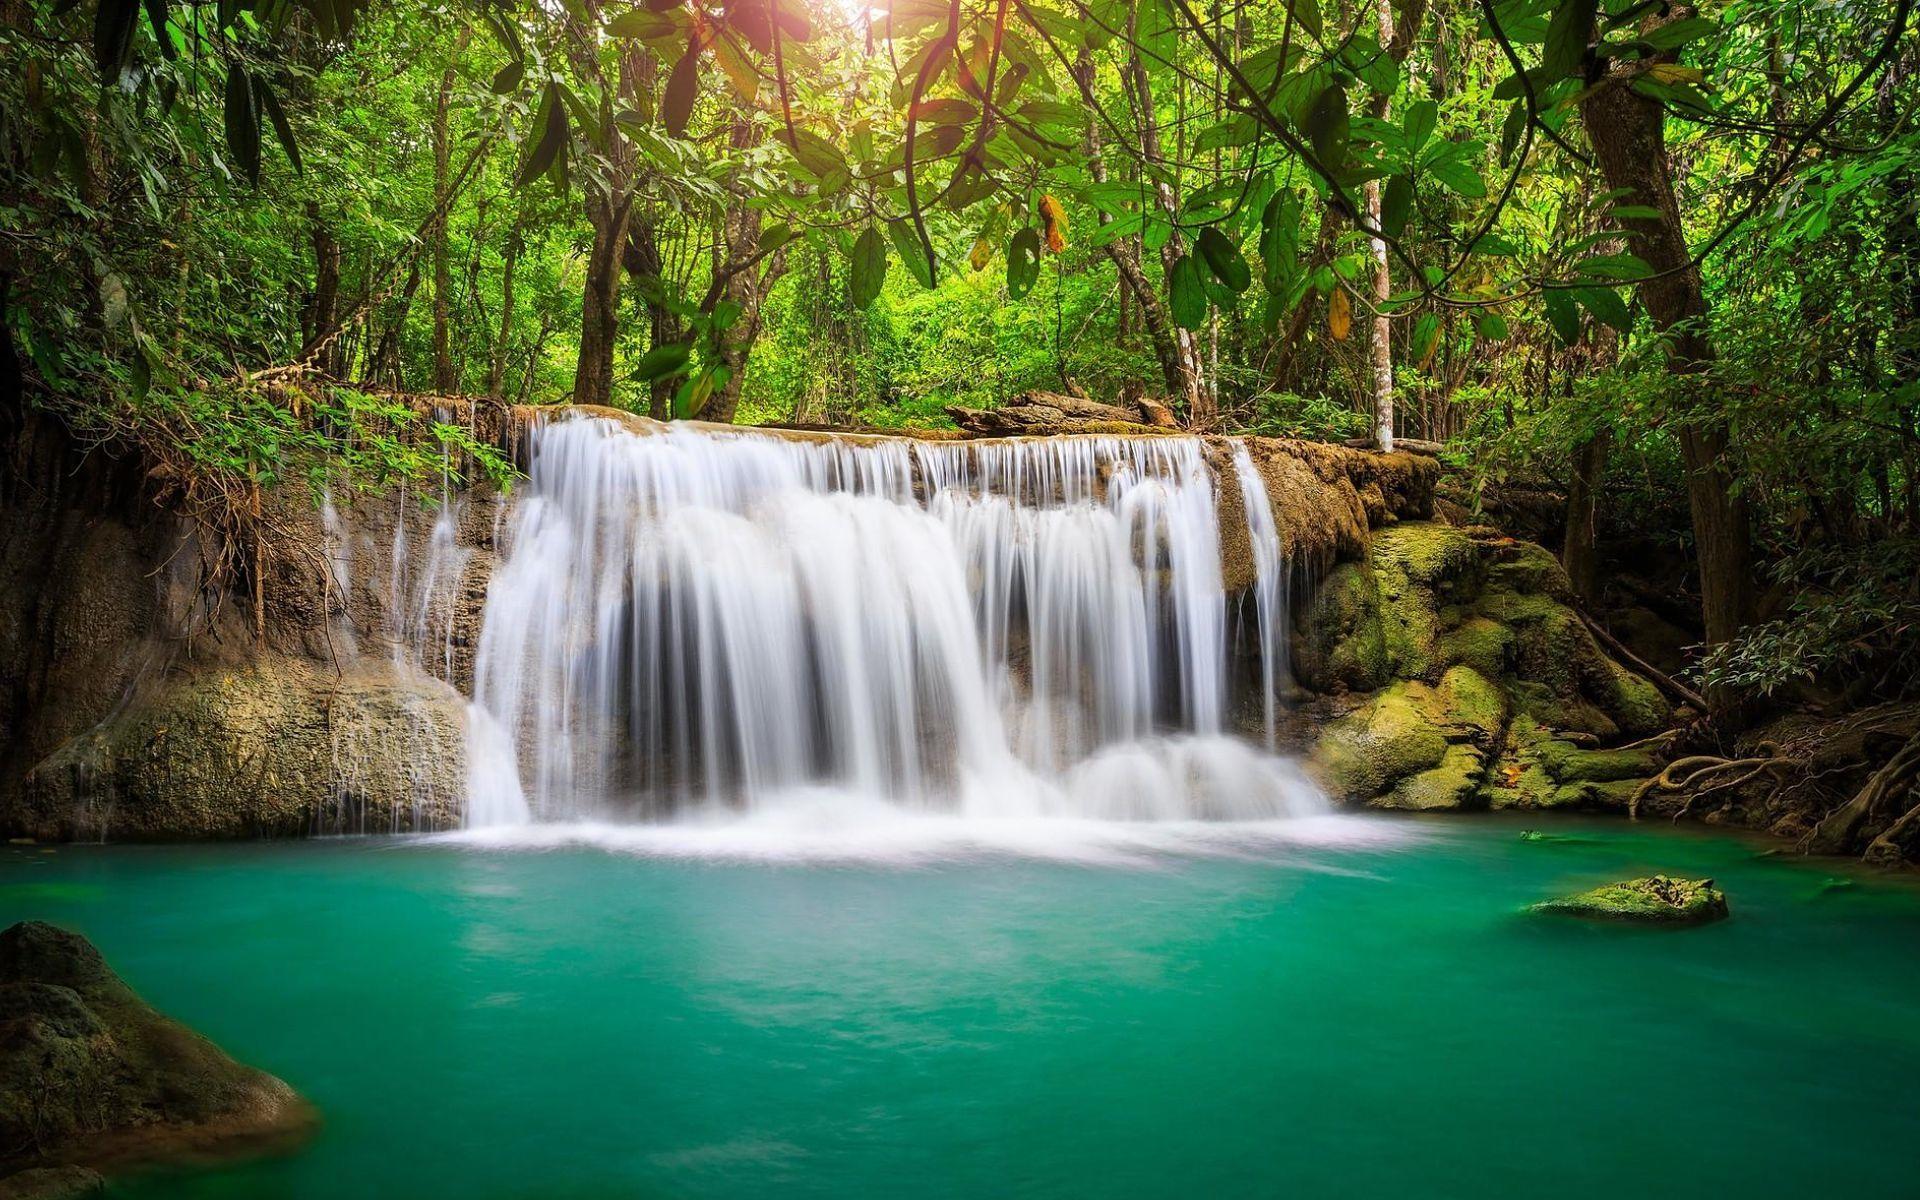 Beautiful Hidden Jungle Waterfall Desktop Wallpaper Waterfall Wall Waterfall Wallpaper Waterfall Wall Art